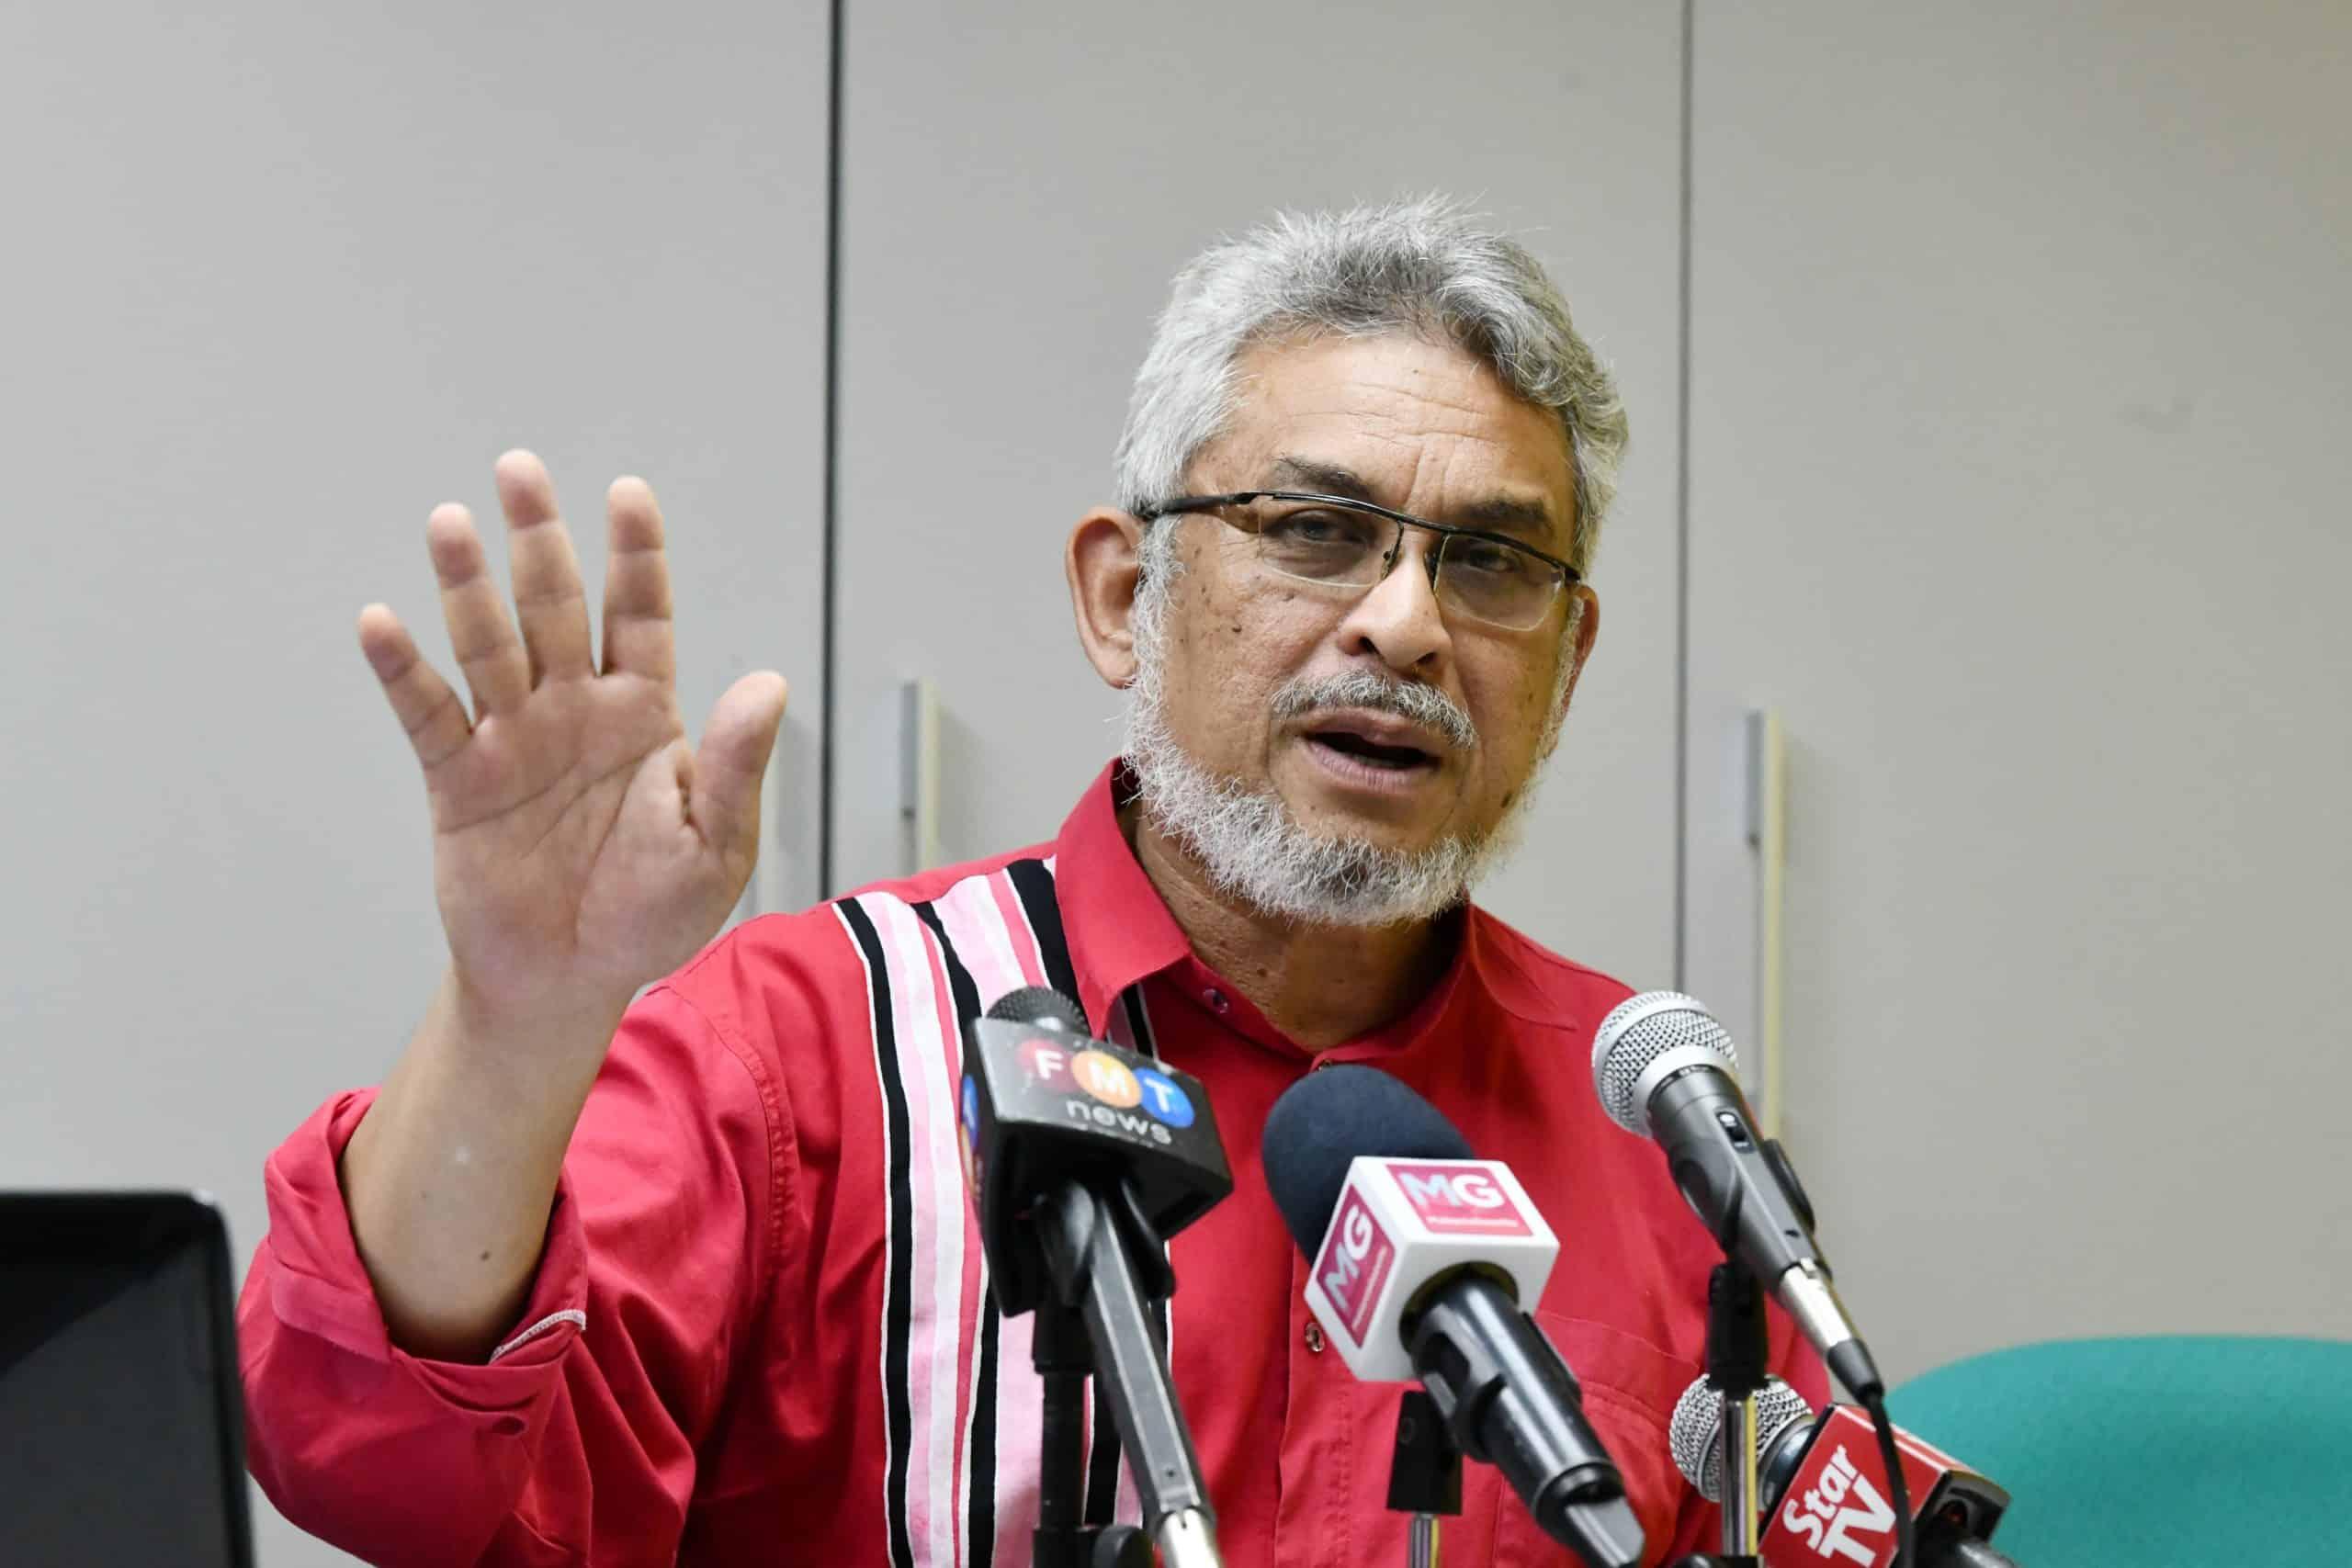 Matlamat perpaduan perompak Islam Melayu bantu penjahat, tanam kebencian